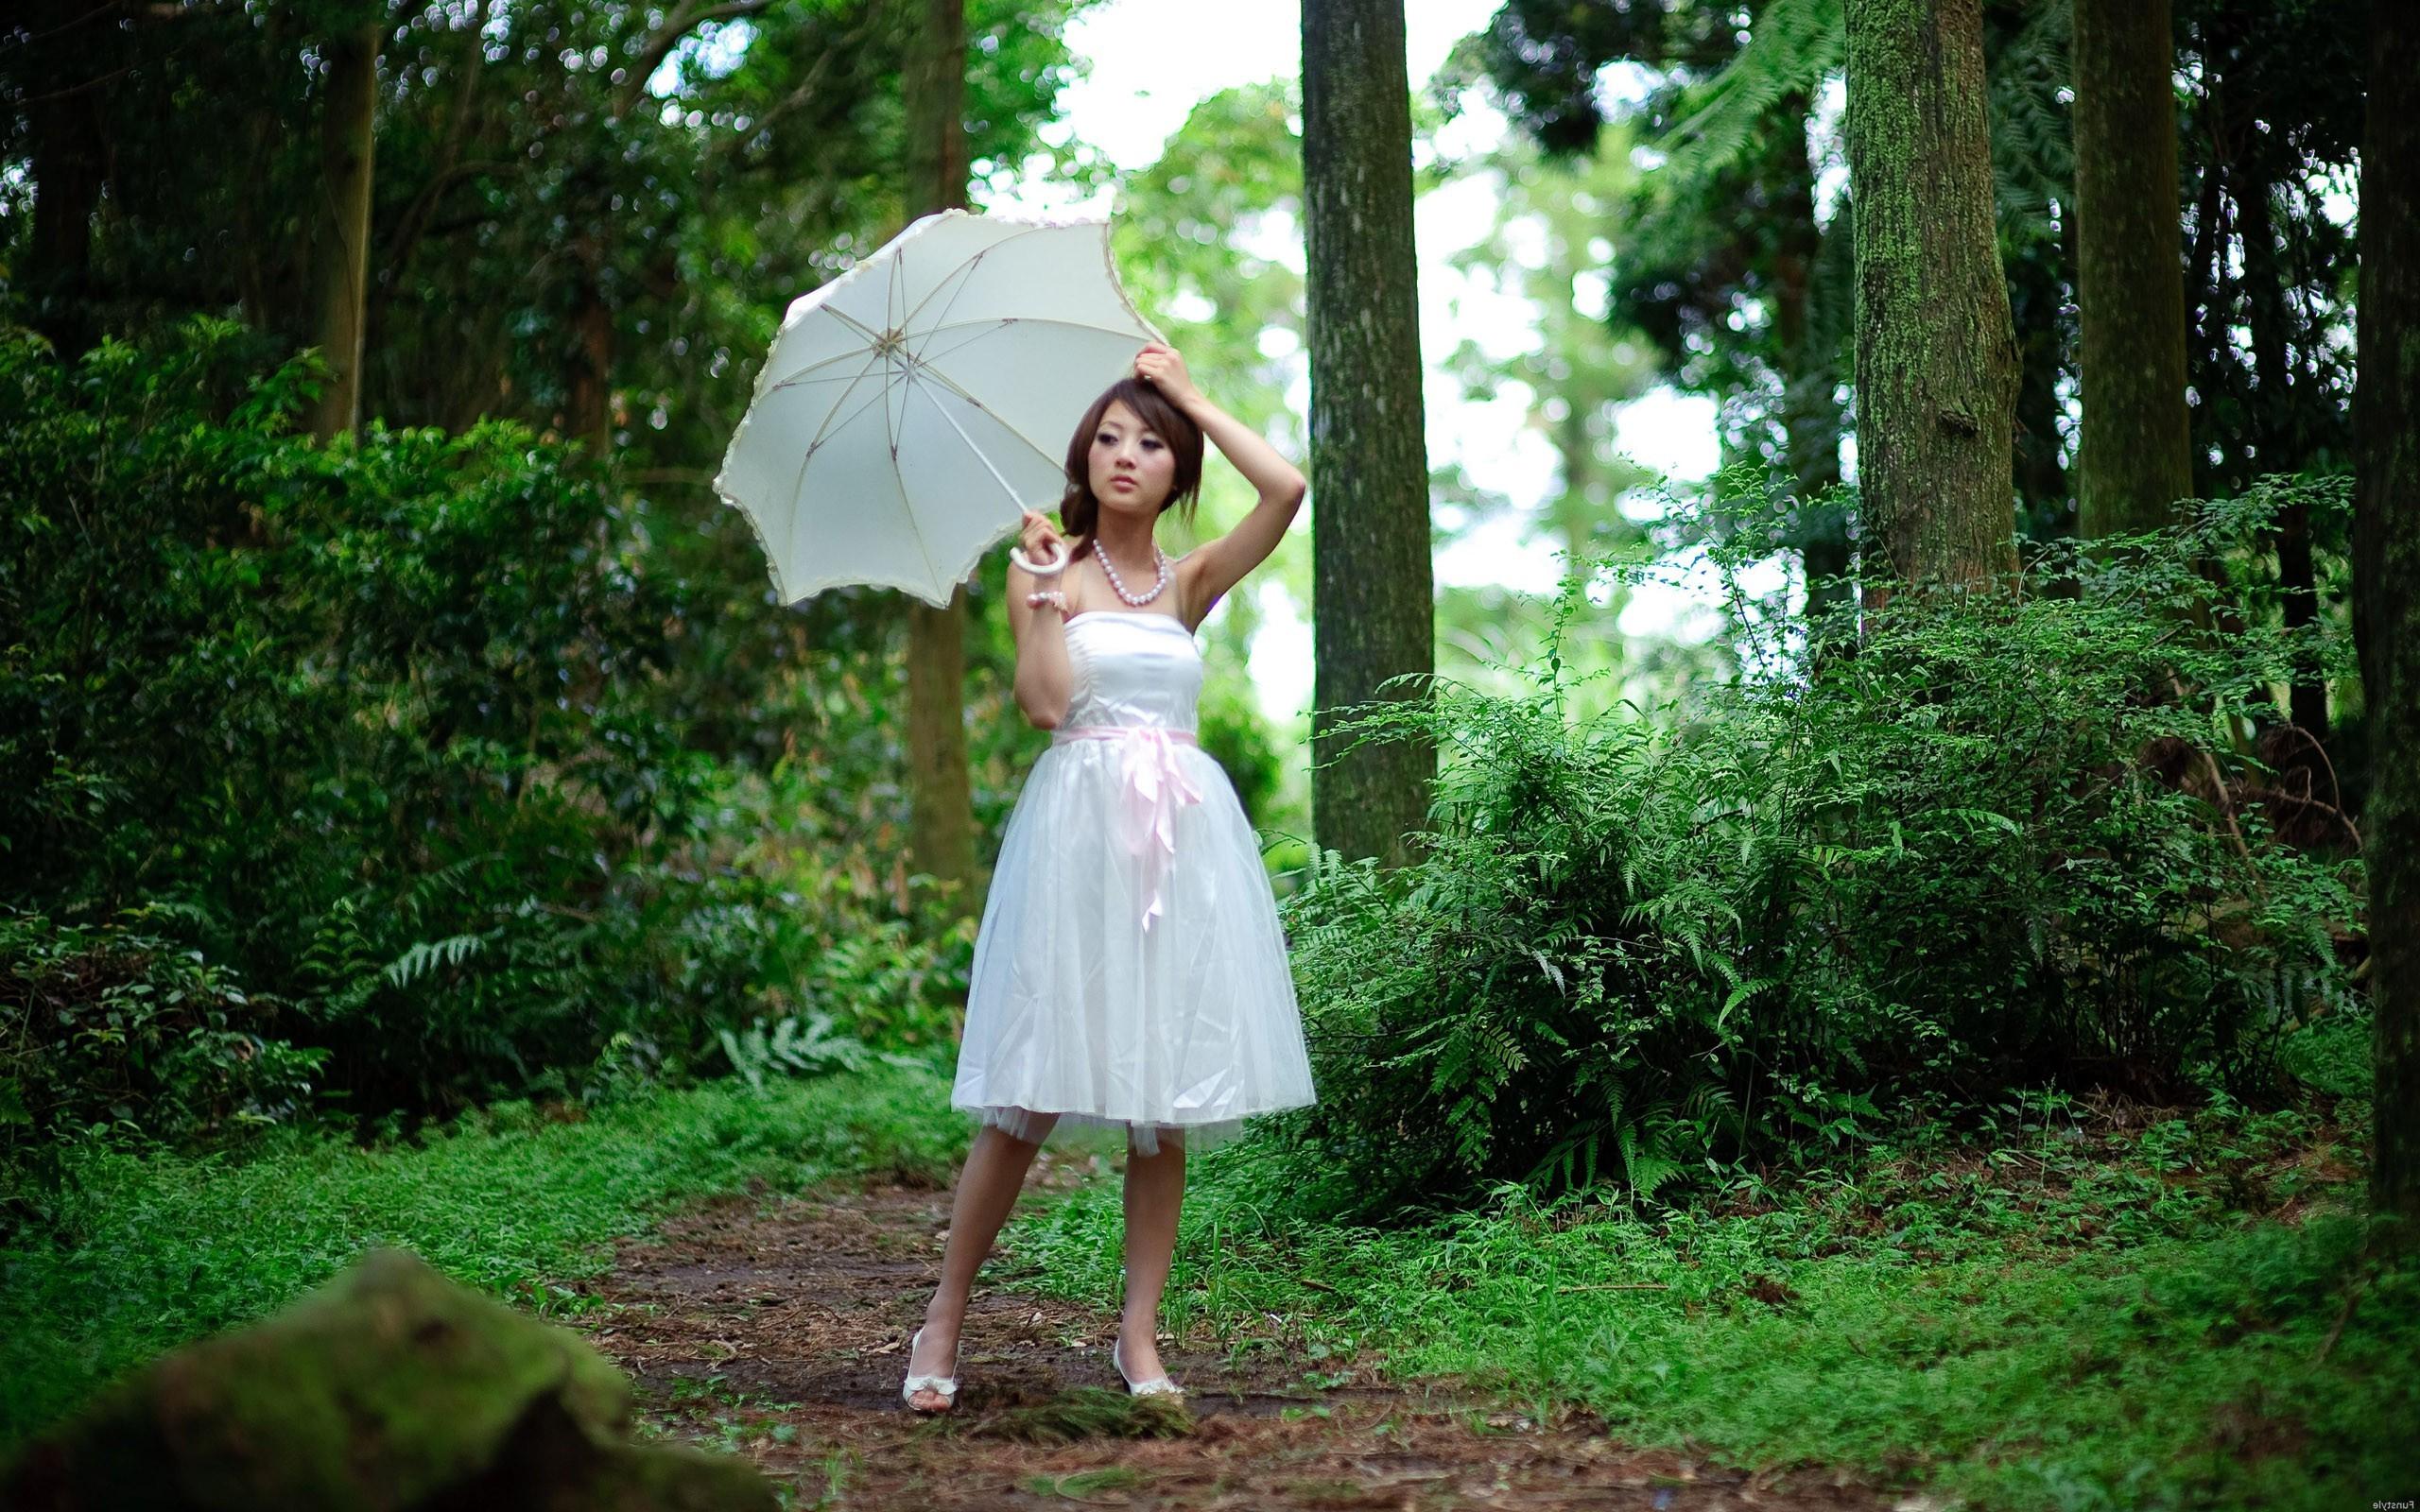 Sunlight forest women outdoors women asian white dress photography umbrella dress green jungle clothing tree flower